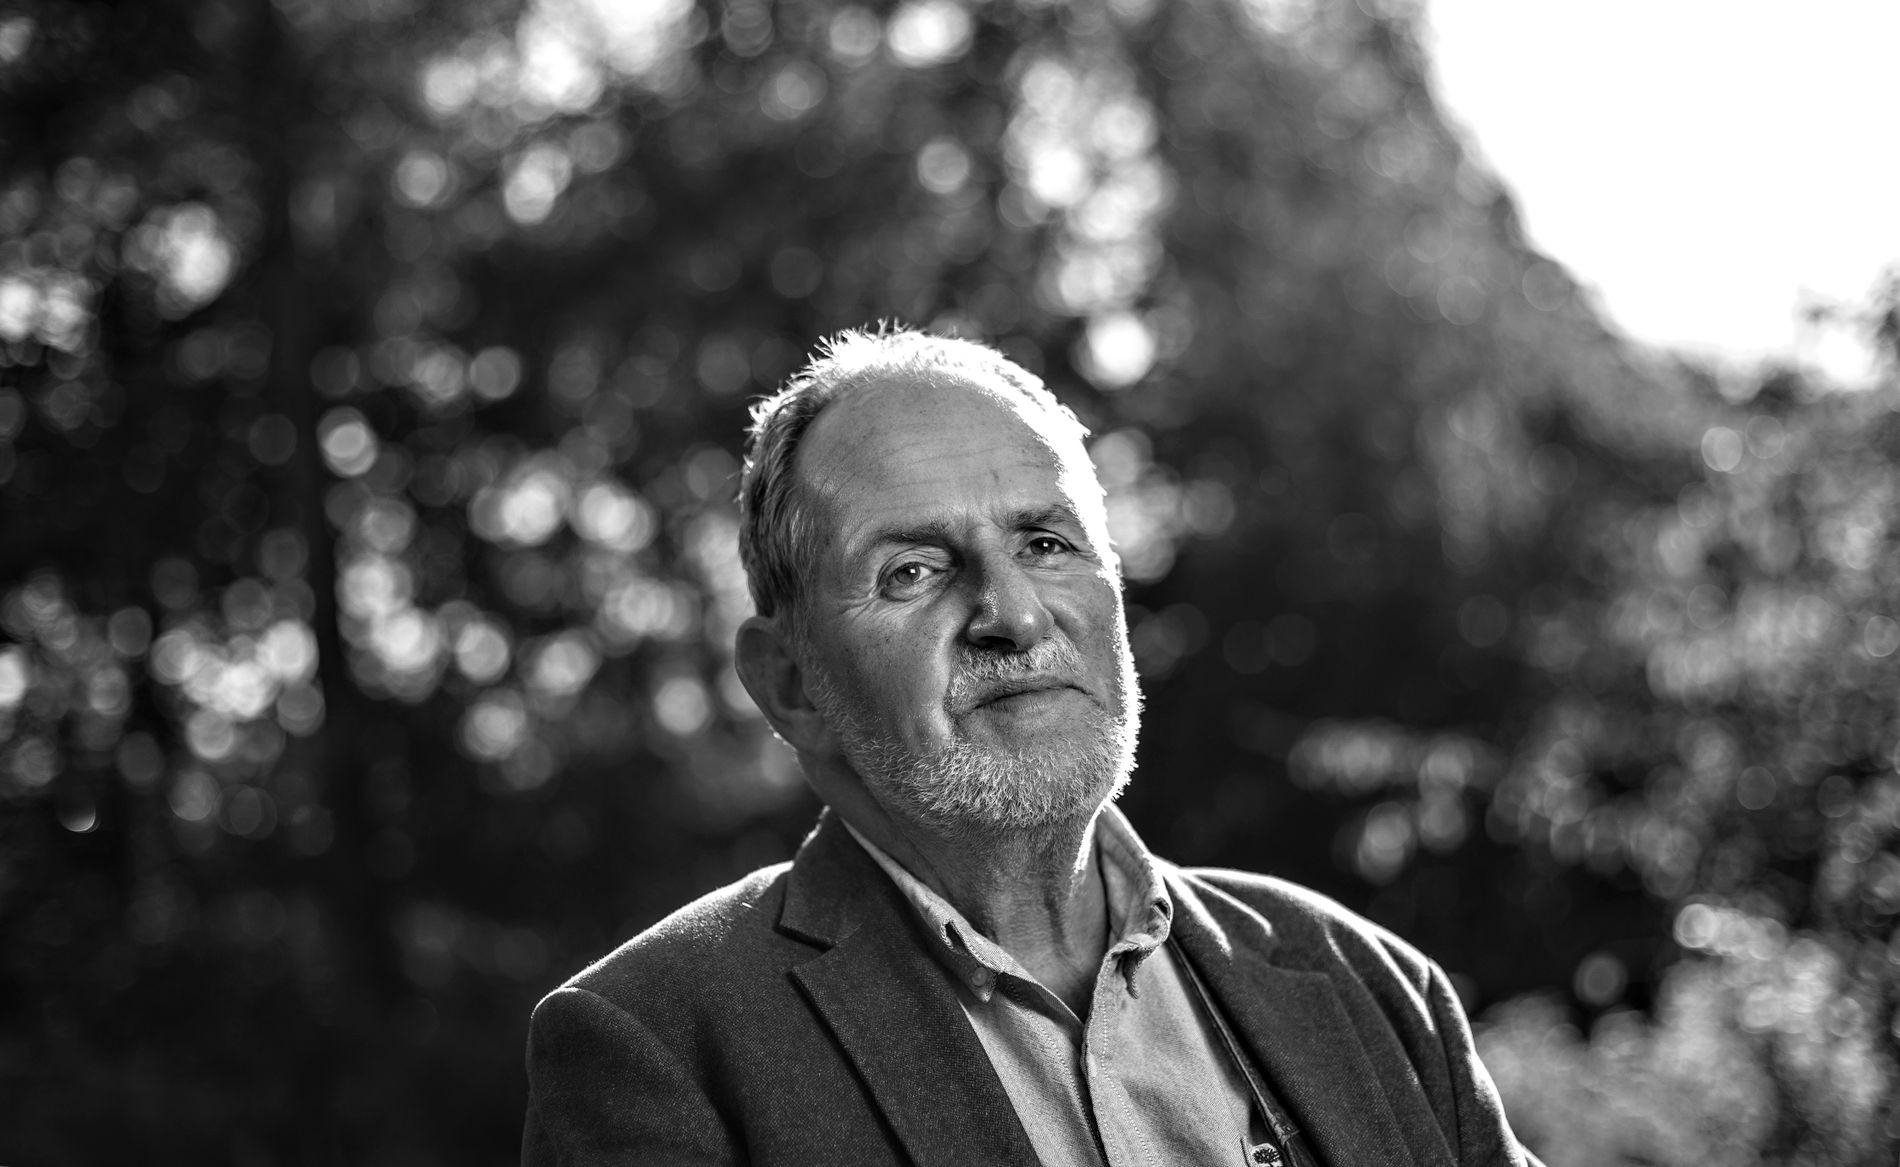 Forfatter Jon Michelet gikk bort 14. april i år, 73 år gammel. Han skrev til det siste og rakk akkurat å bli ferdig med bind seks av sitt magnum opus, «En sjøens helt».